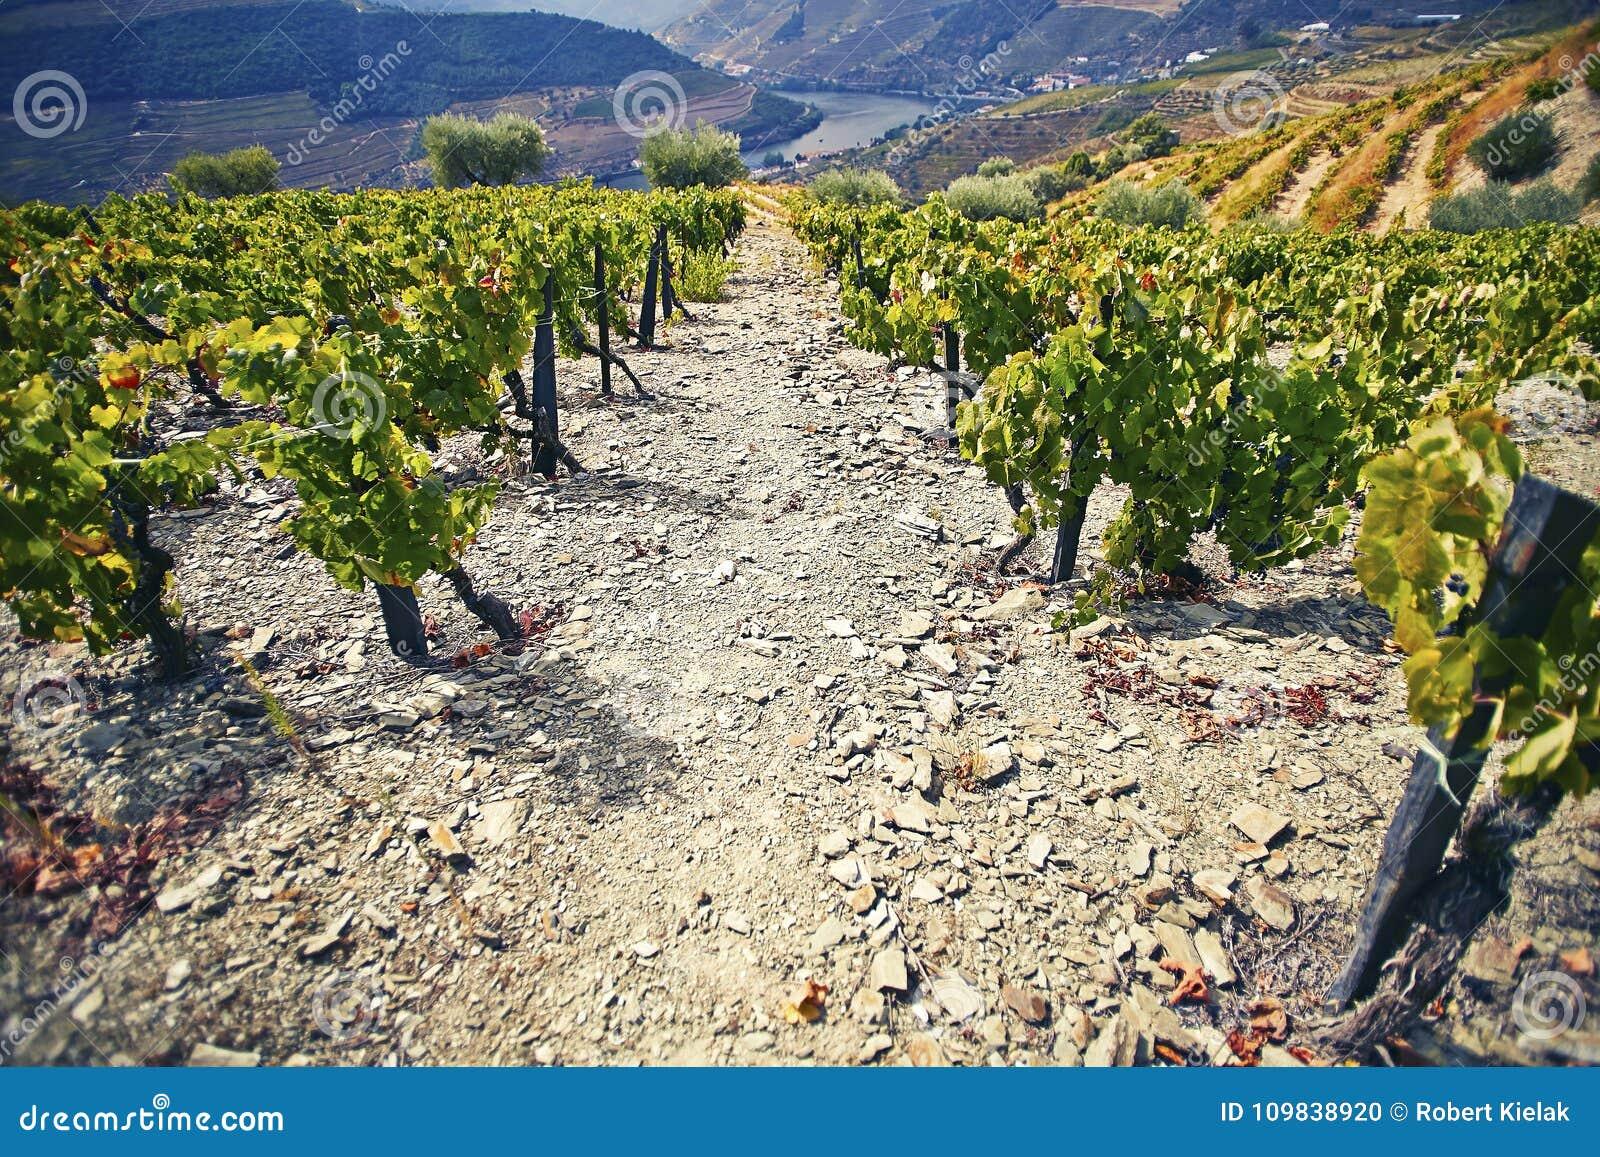 Steiler, steiniger Weg unter grünen Weinbüschen mit dem Fluss im Hintergrund Duero-Region portugal